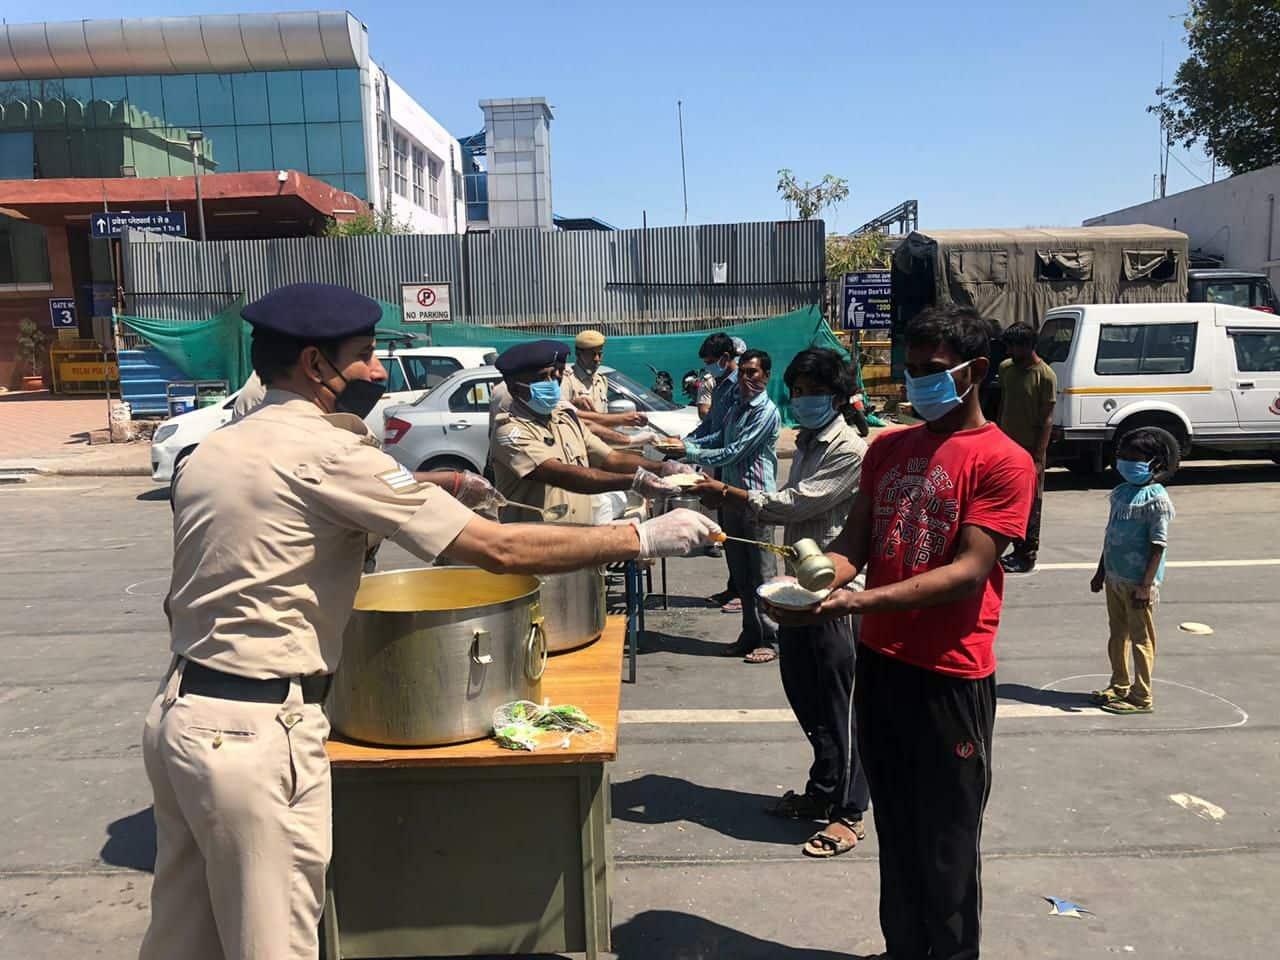 Police distributing food